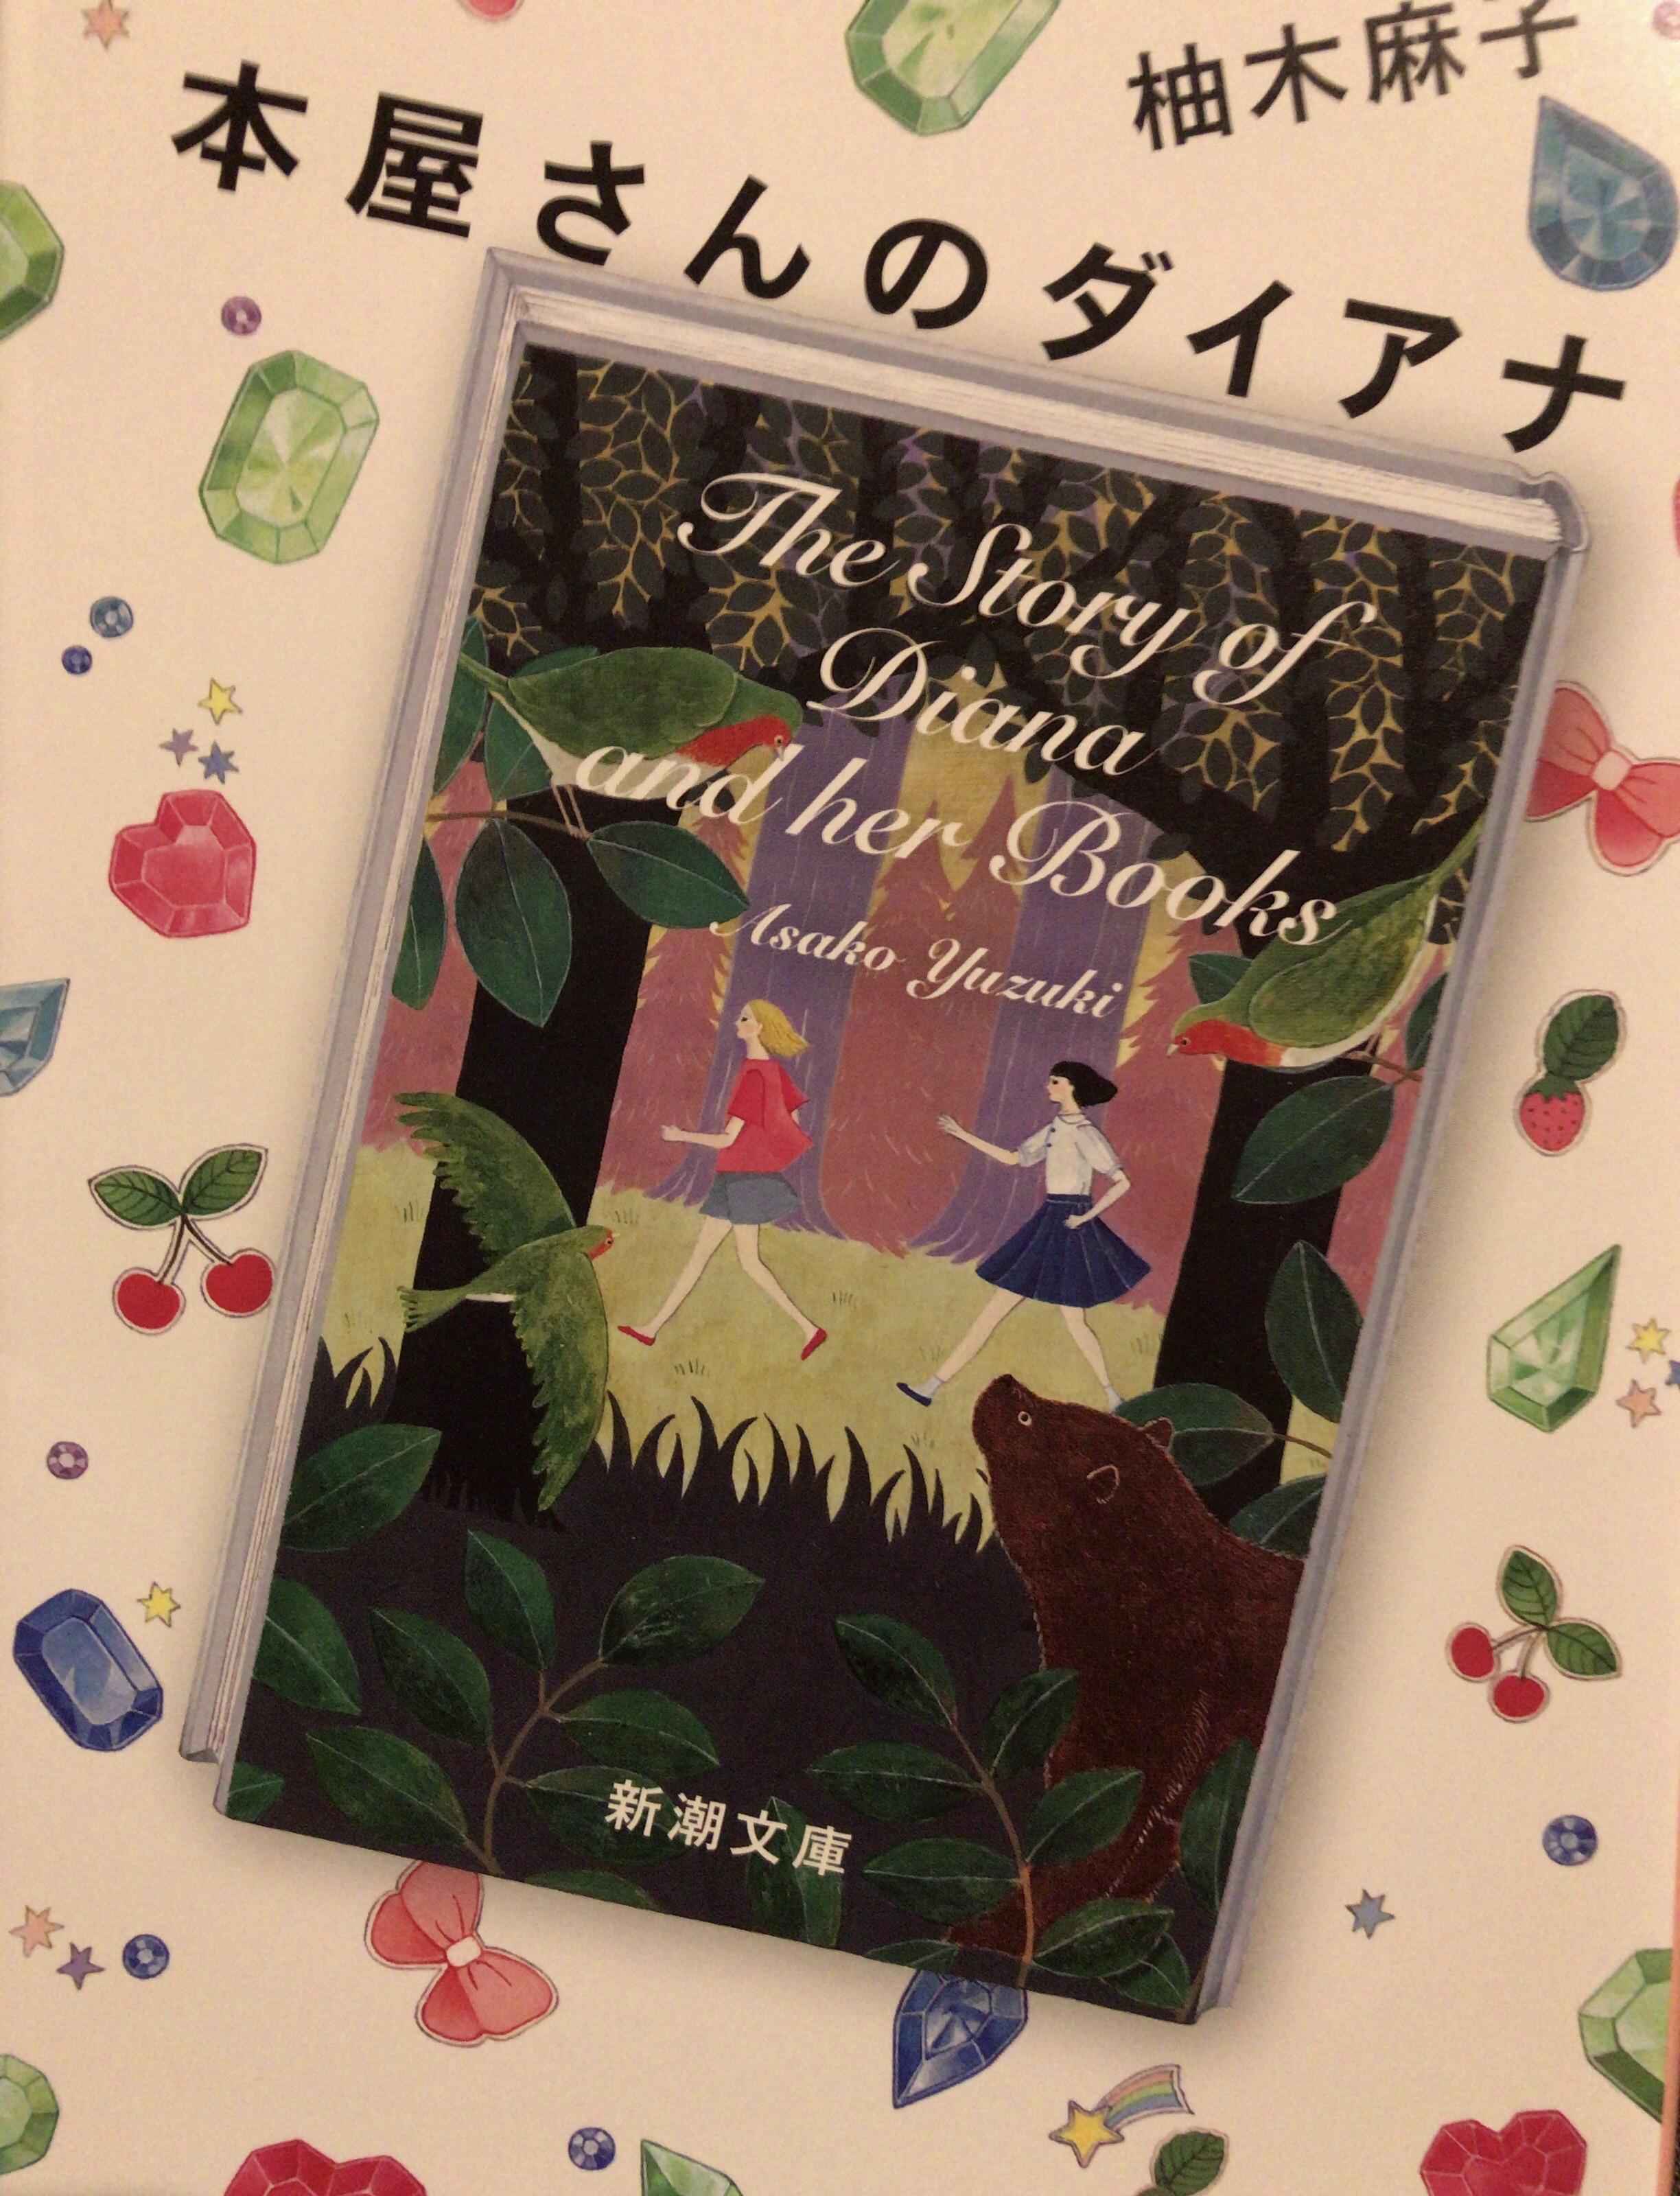 【文庫本】本屋さんのダイアナ